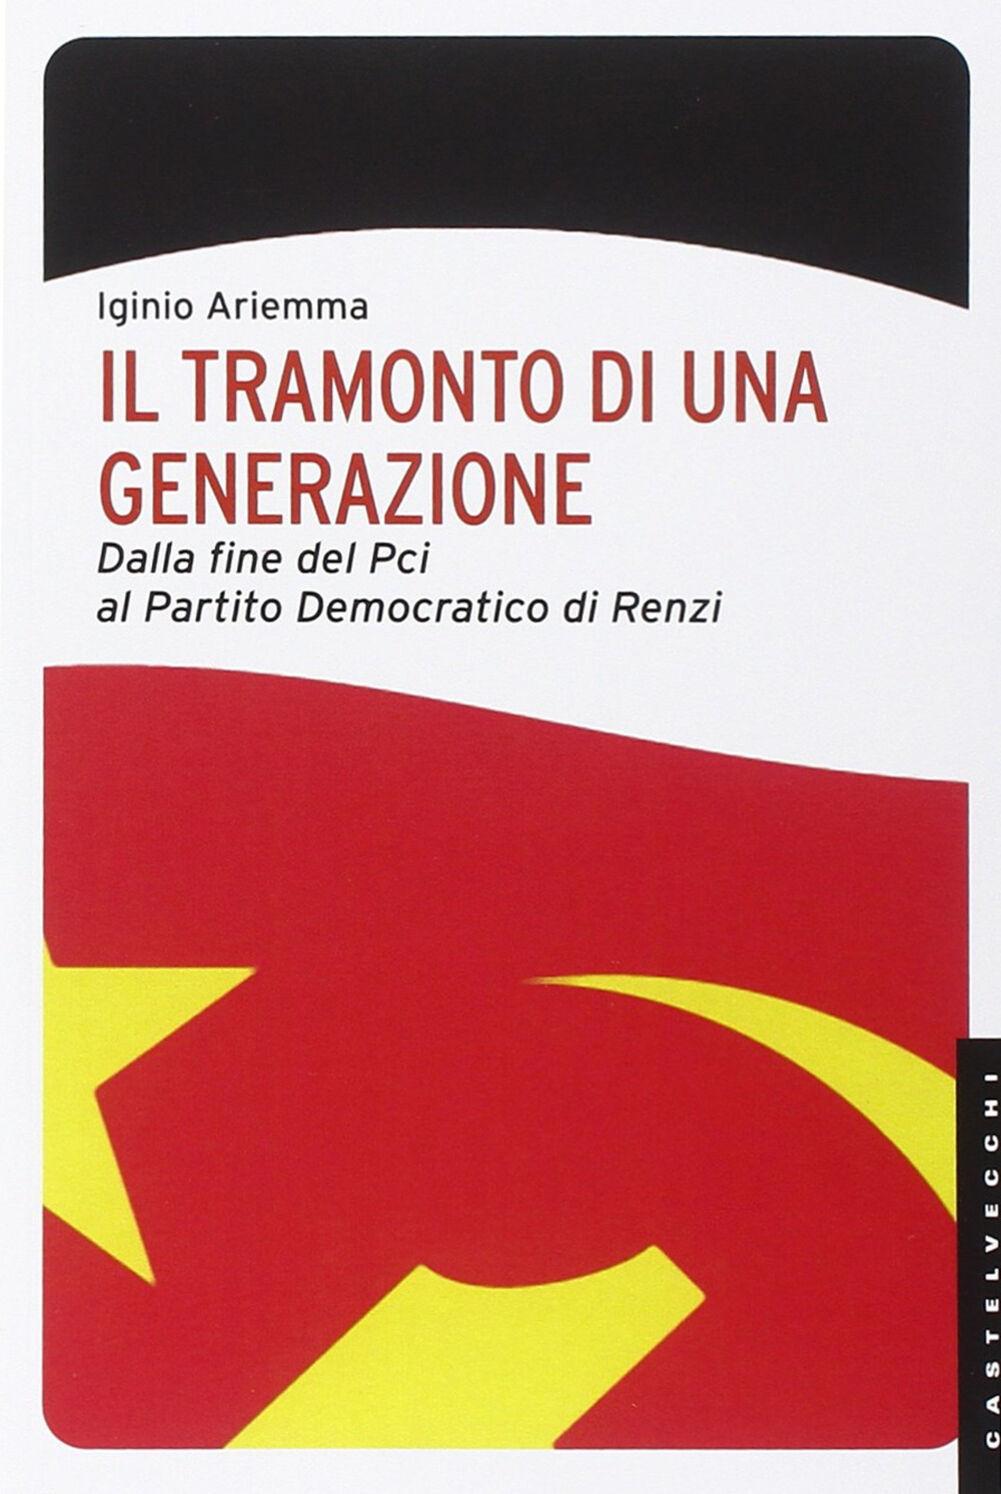 Il tramonto di una generazione. Dalla fine del PCI al Partito Democratico di Renzi